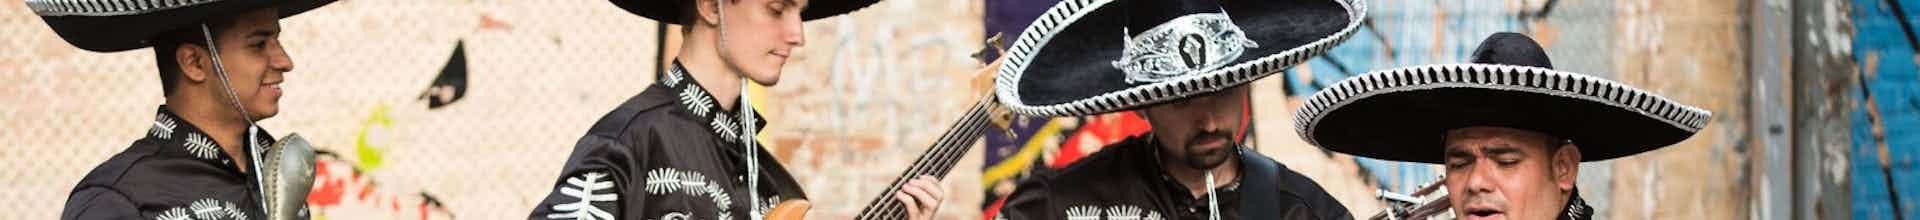 latinoband-buchen